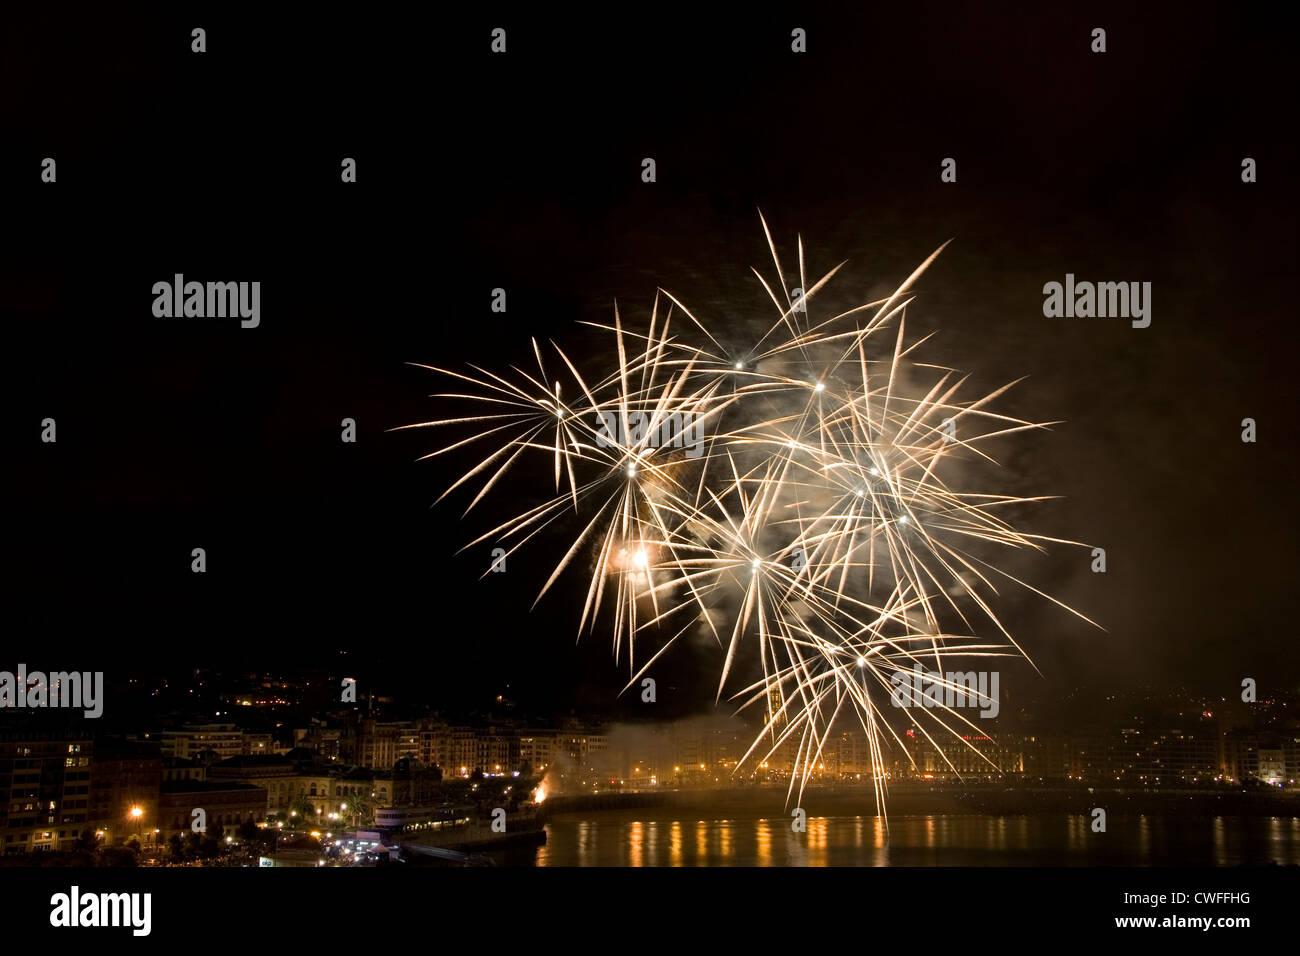 fireworks in San Sebastian / Donostia - Stock Image